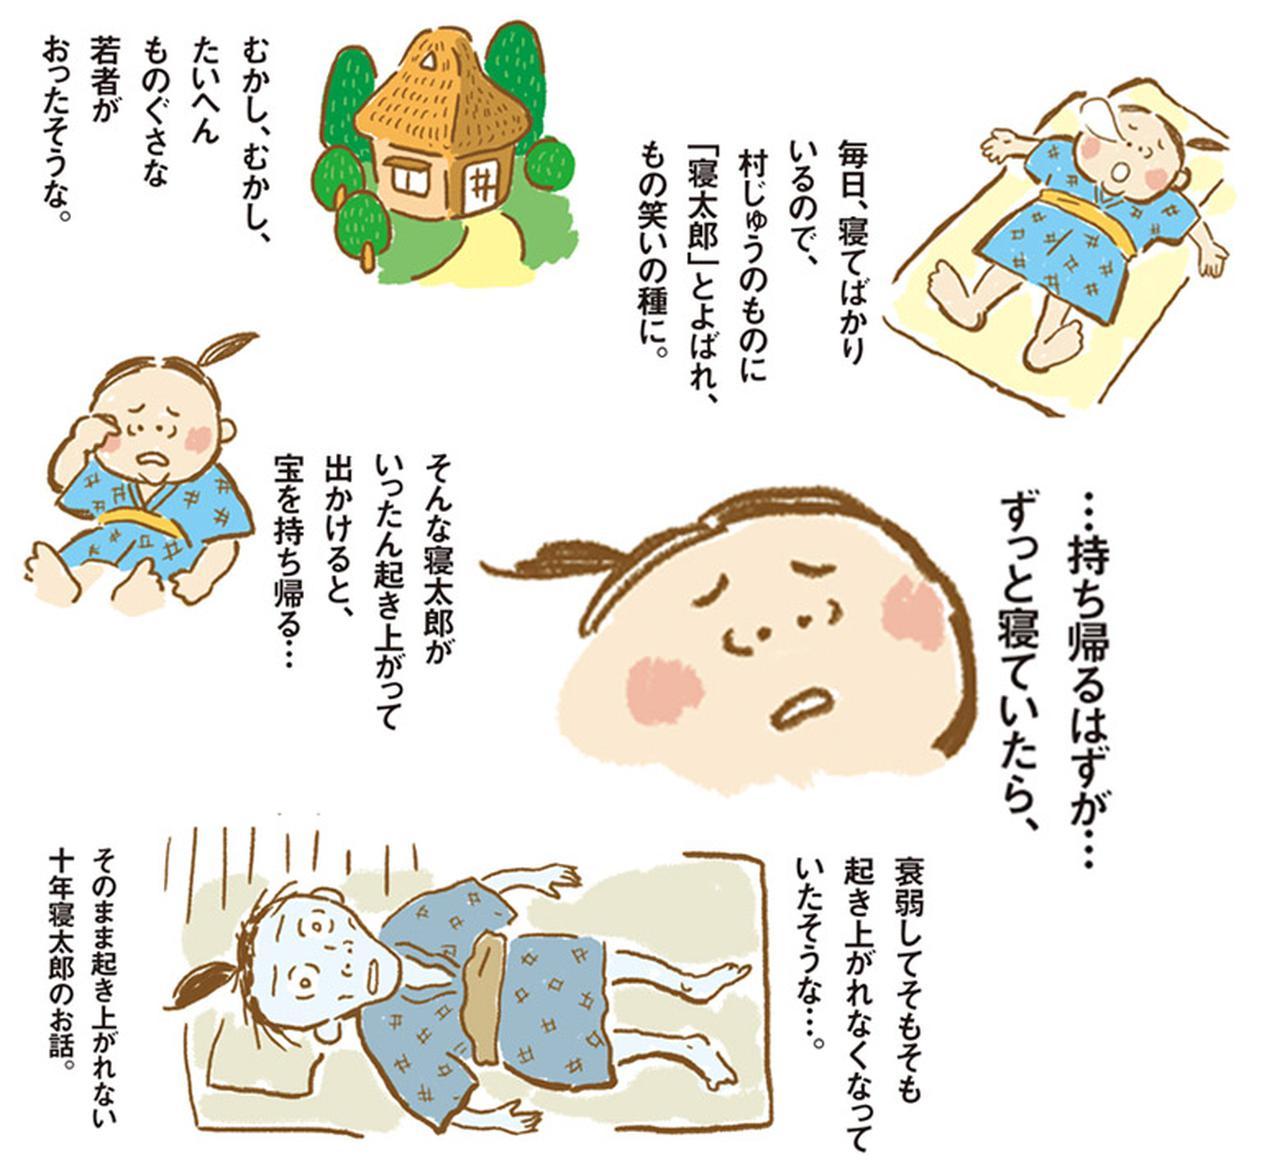 画像: 『筋トレ後の安静は有害。高血圧と低血圧の薬を両方飲むようなもの。』